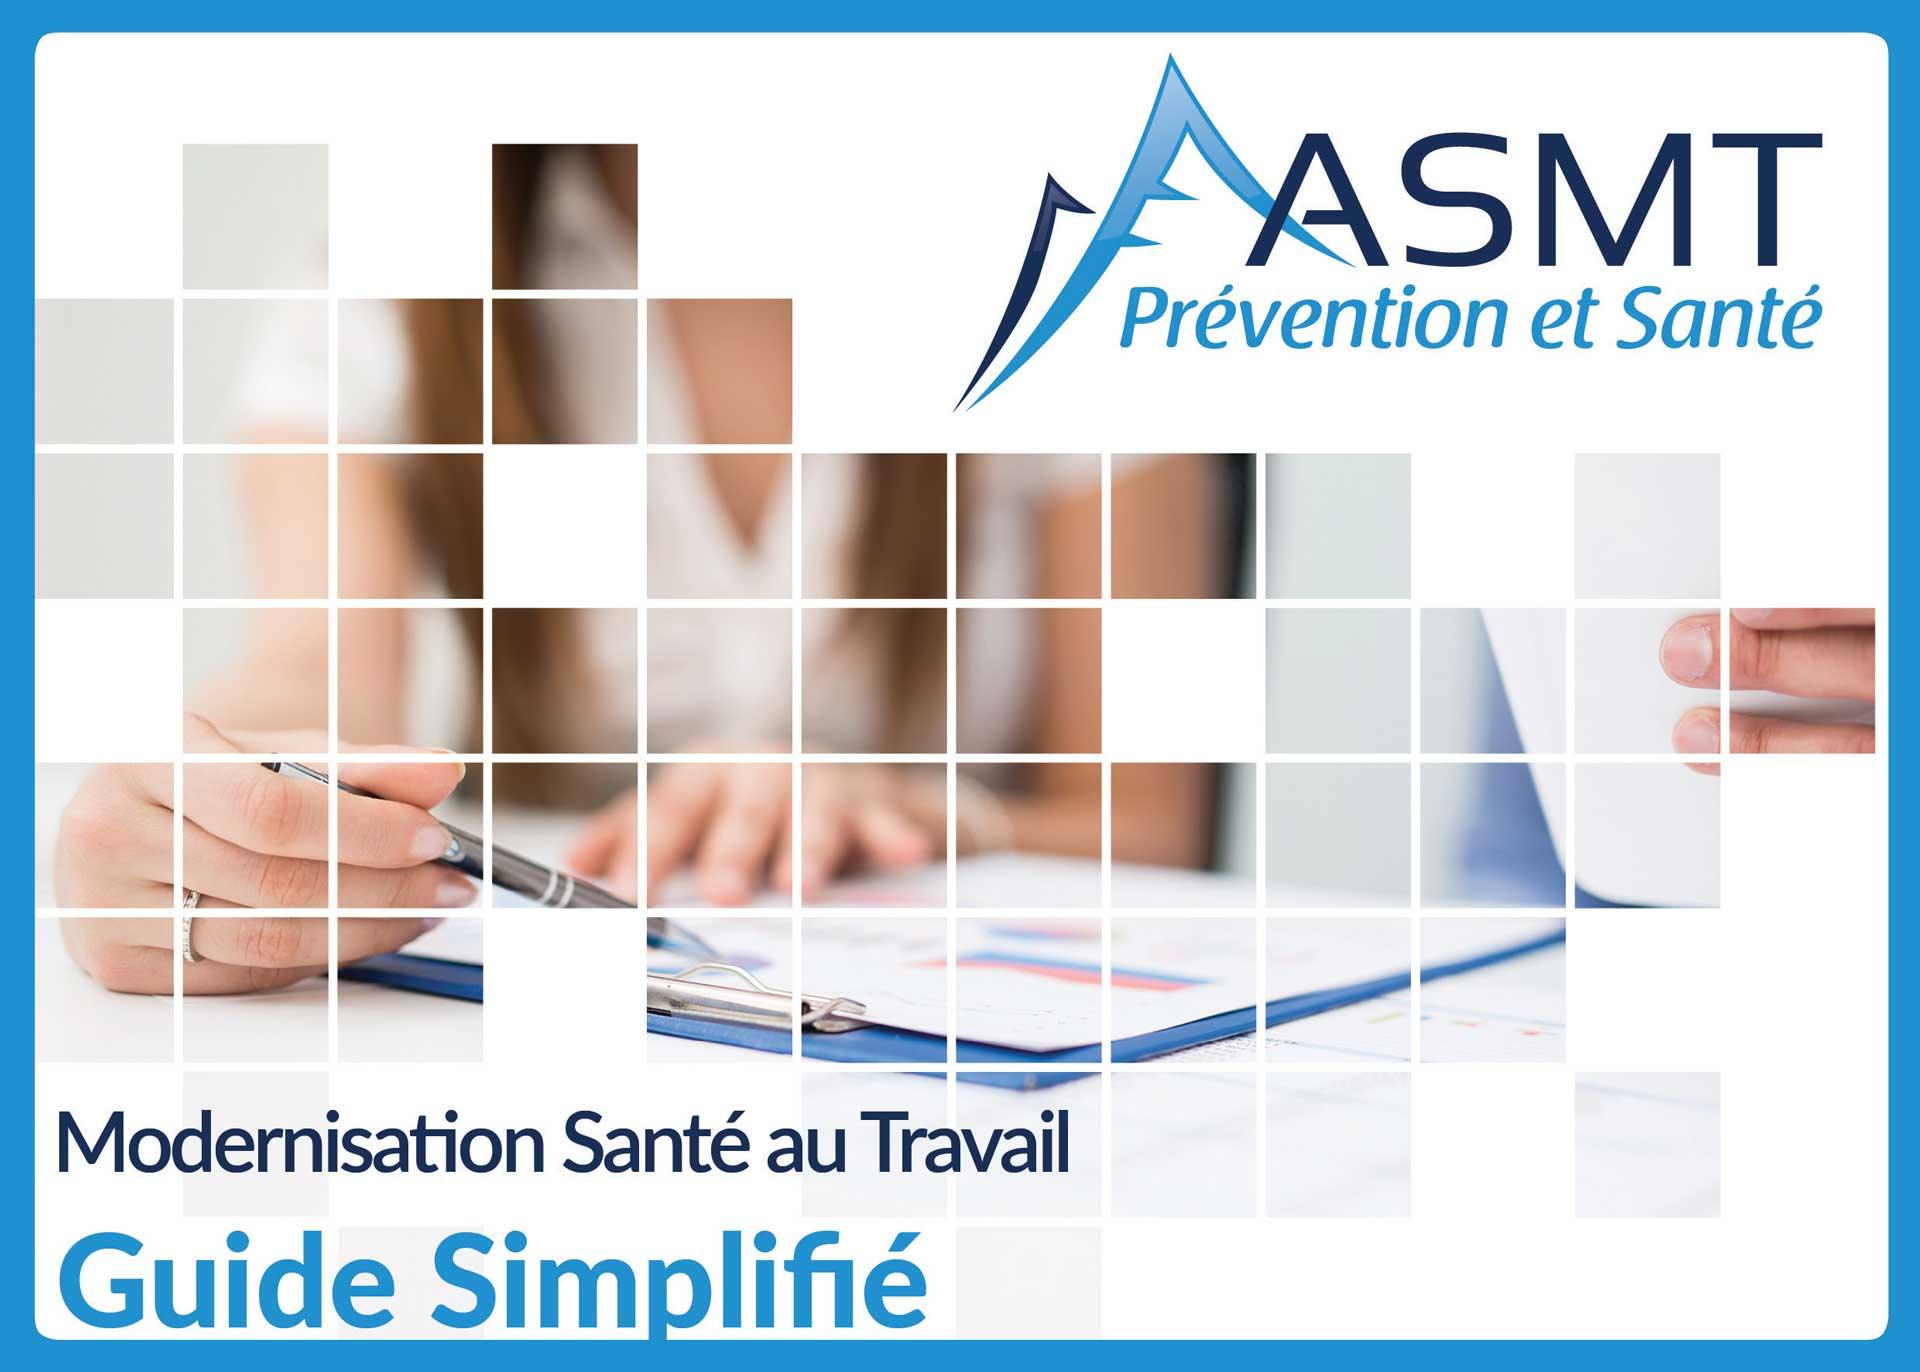 Modernisation Santé travail : Guide Simplifié